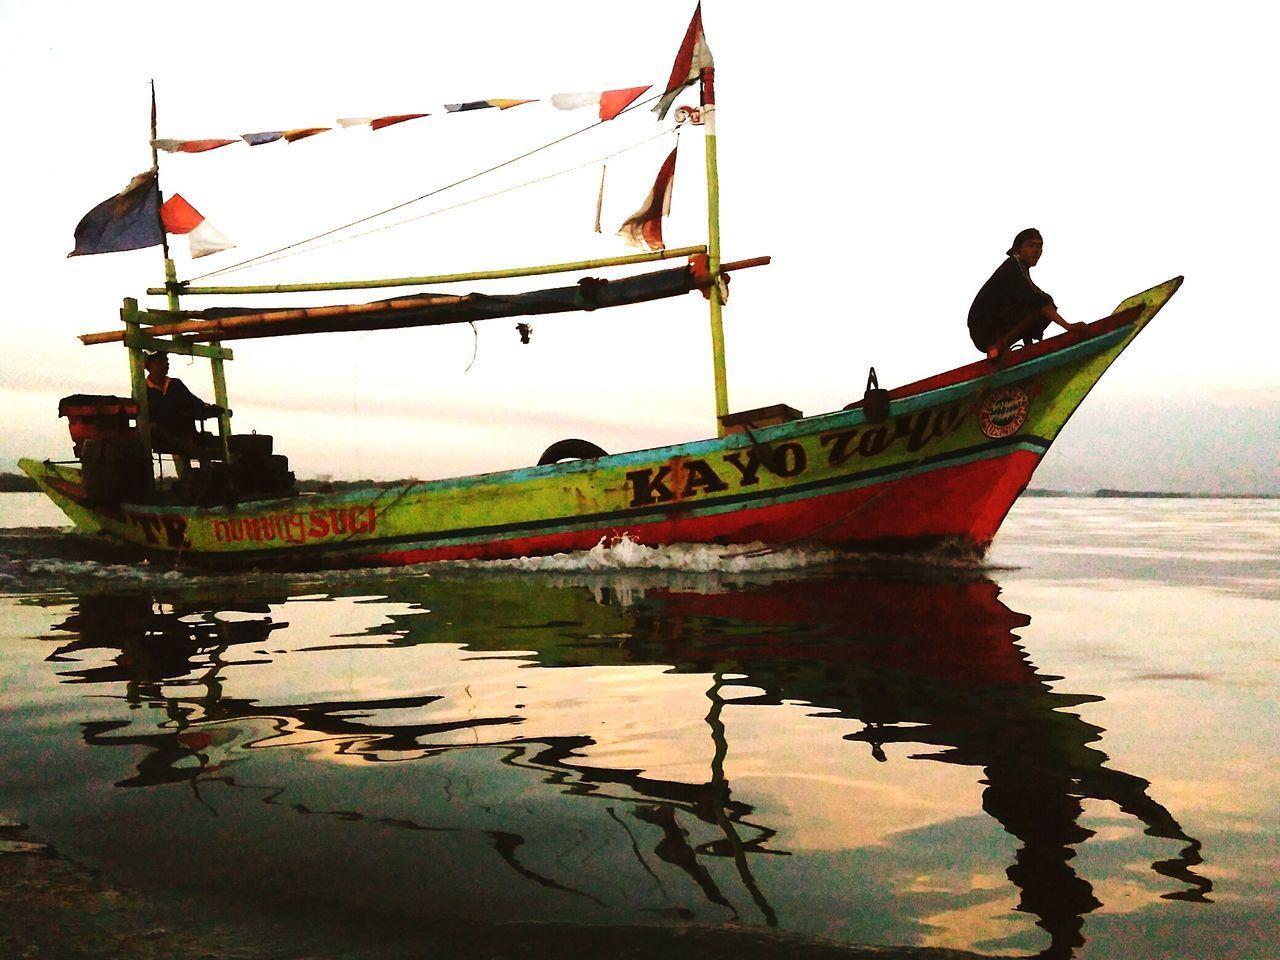 Perahu Harapanku Nelayan Muara Angke